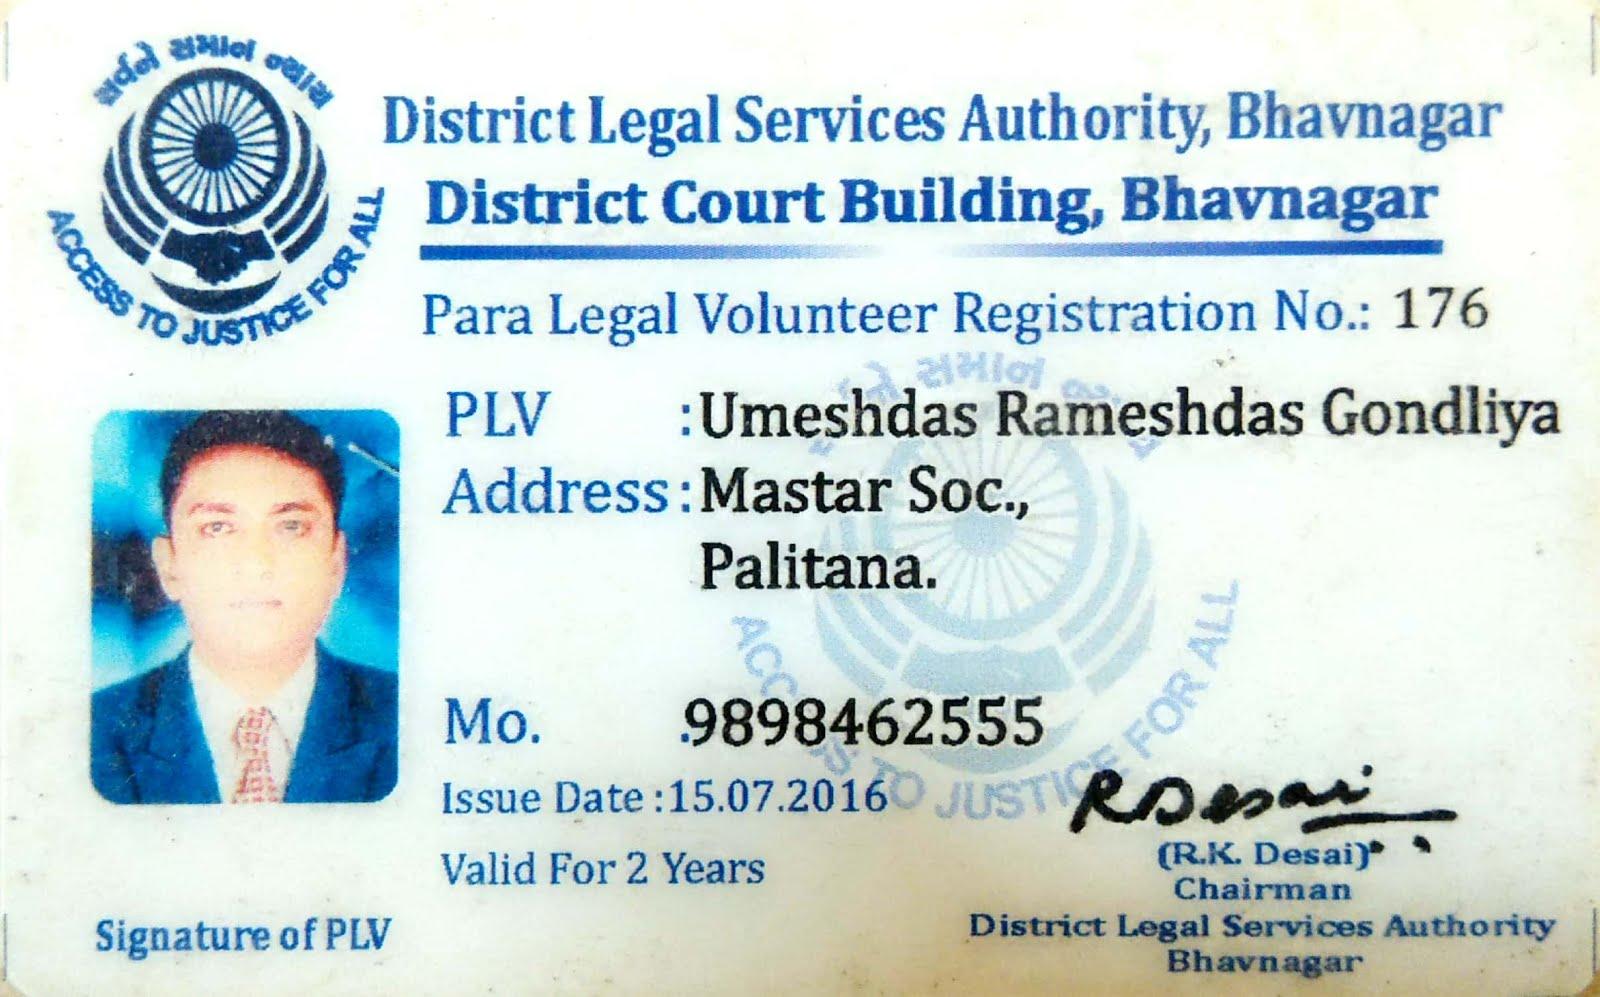 District Legal Services Authority, Bhavnagar